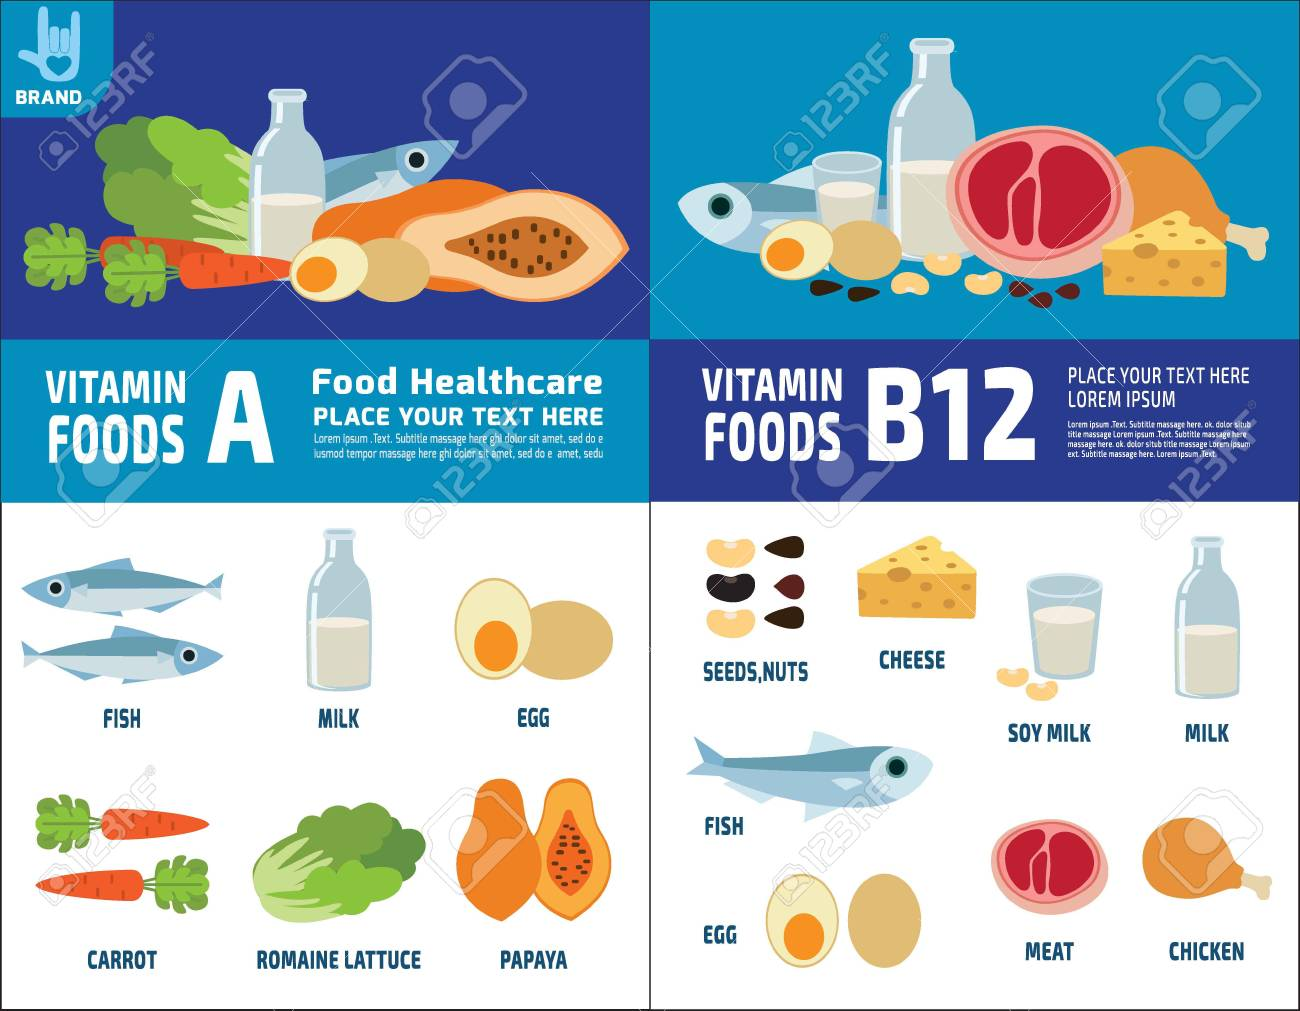 B12 の 食べ物 ビタミン 【メチコバール】肩こり・腰痛に効く活性型ビタミンB12って本当に効果あるの? 院長ブログ 五本木クリニック